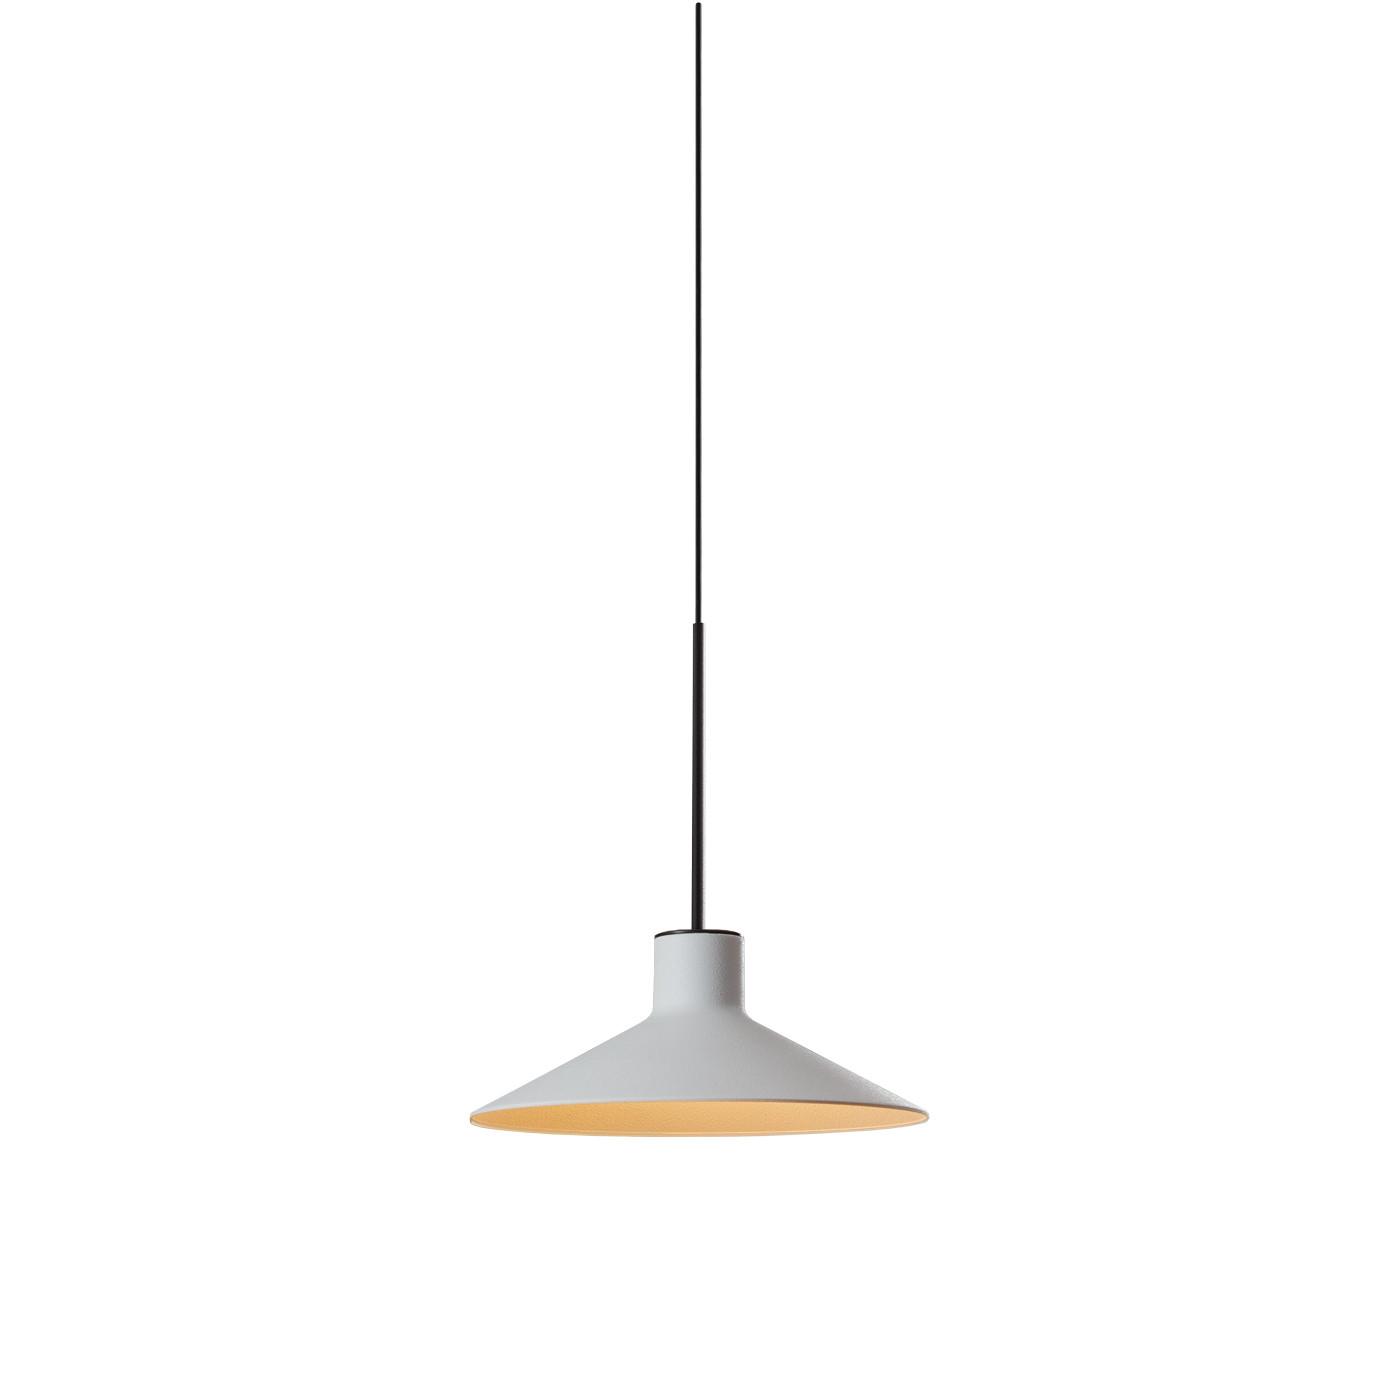 Bover Platet S/20 LED